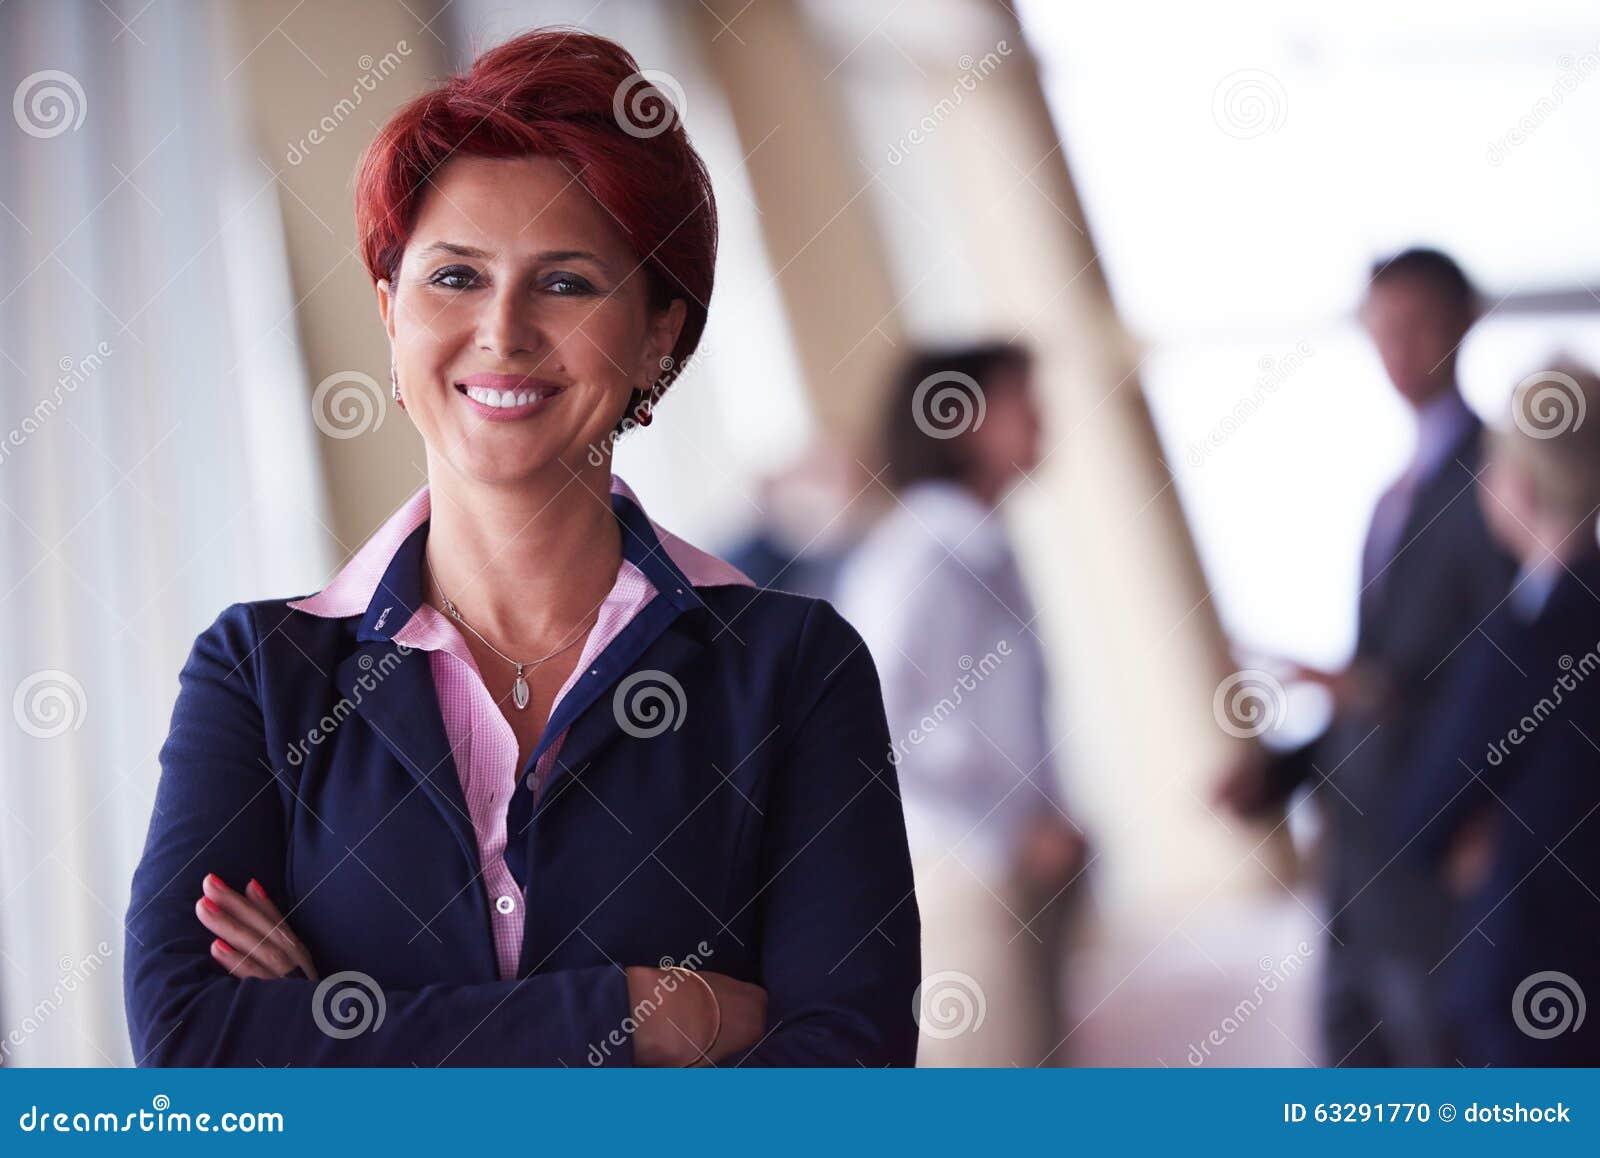 Los hombres de negocios agrupan, mujer en frente como líder de equipo